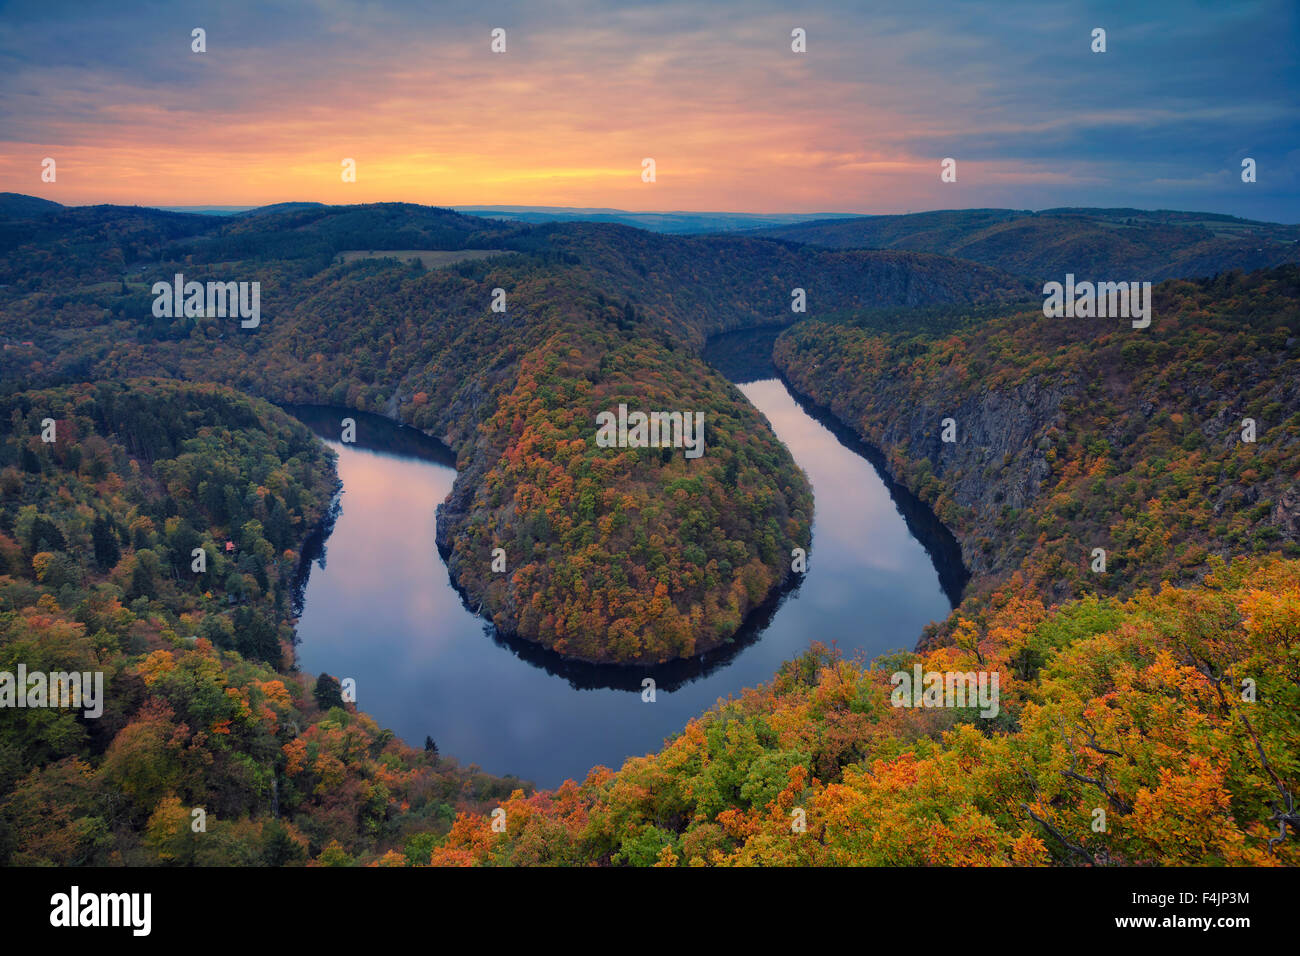 Otoño River Bend. Hermoso meandro del río Moldava en la República Checa durante el atardecer de otoño. Imagen De Stock